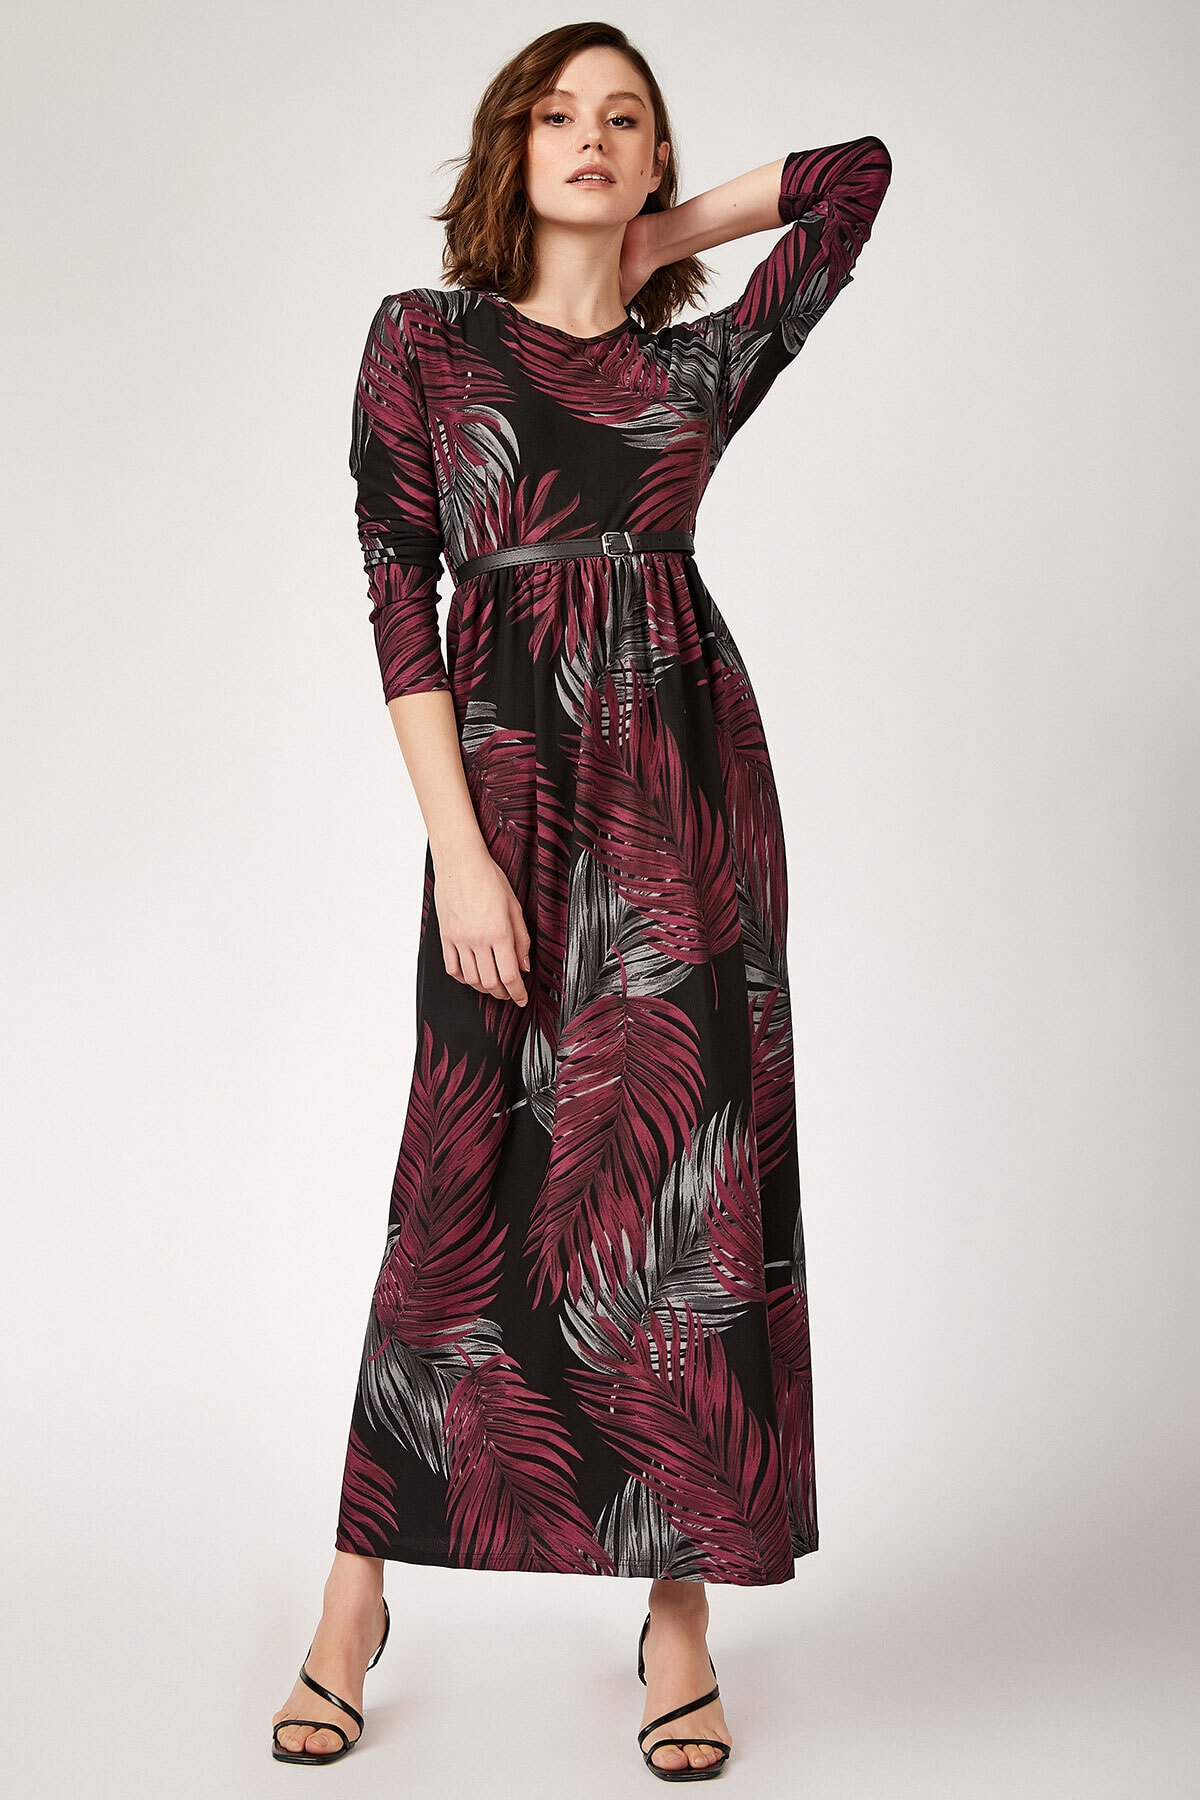 Bigdart Kadın Mürdüm 10294 Kemerli Çiçek Desenli Tesettür Elbise 10294BGD19